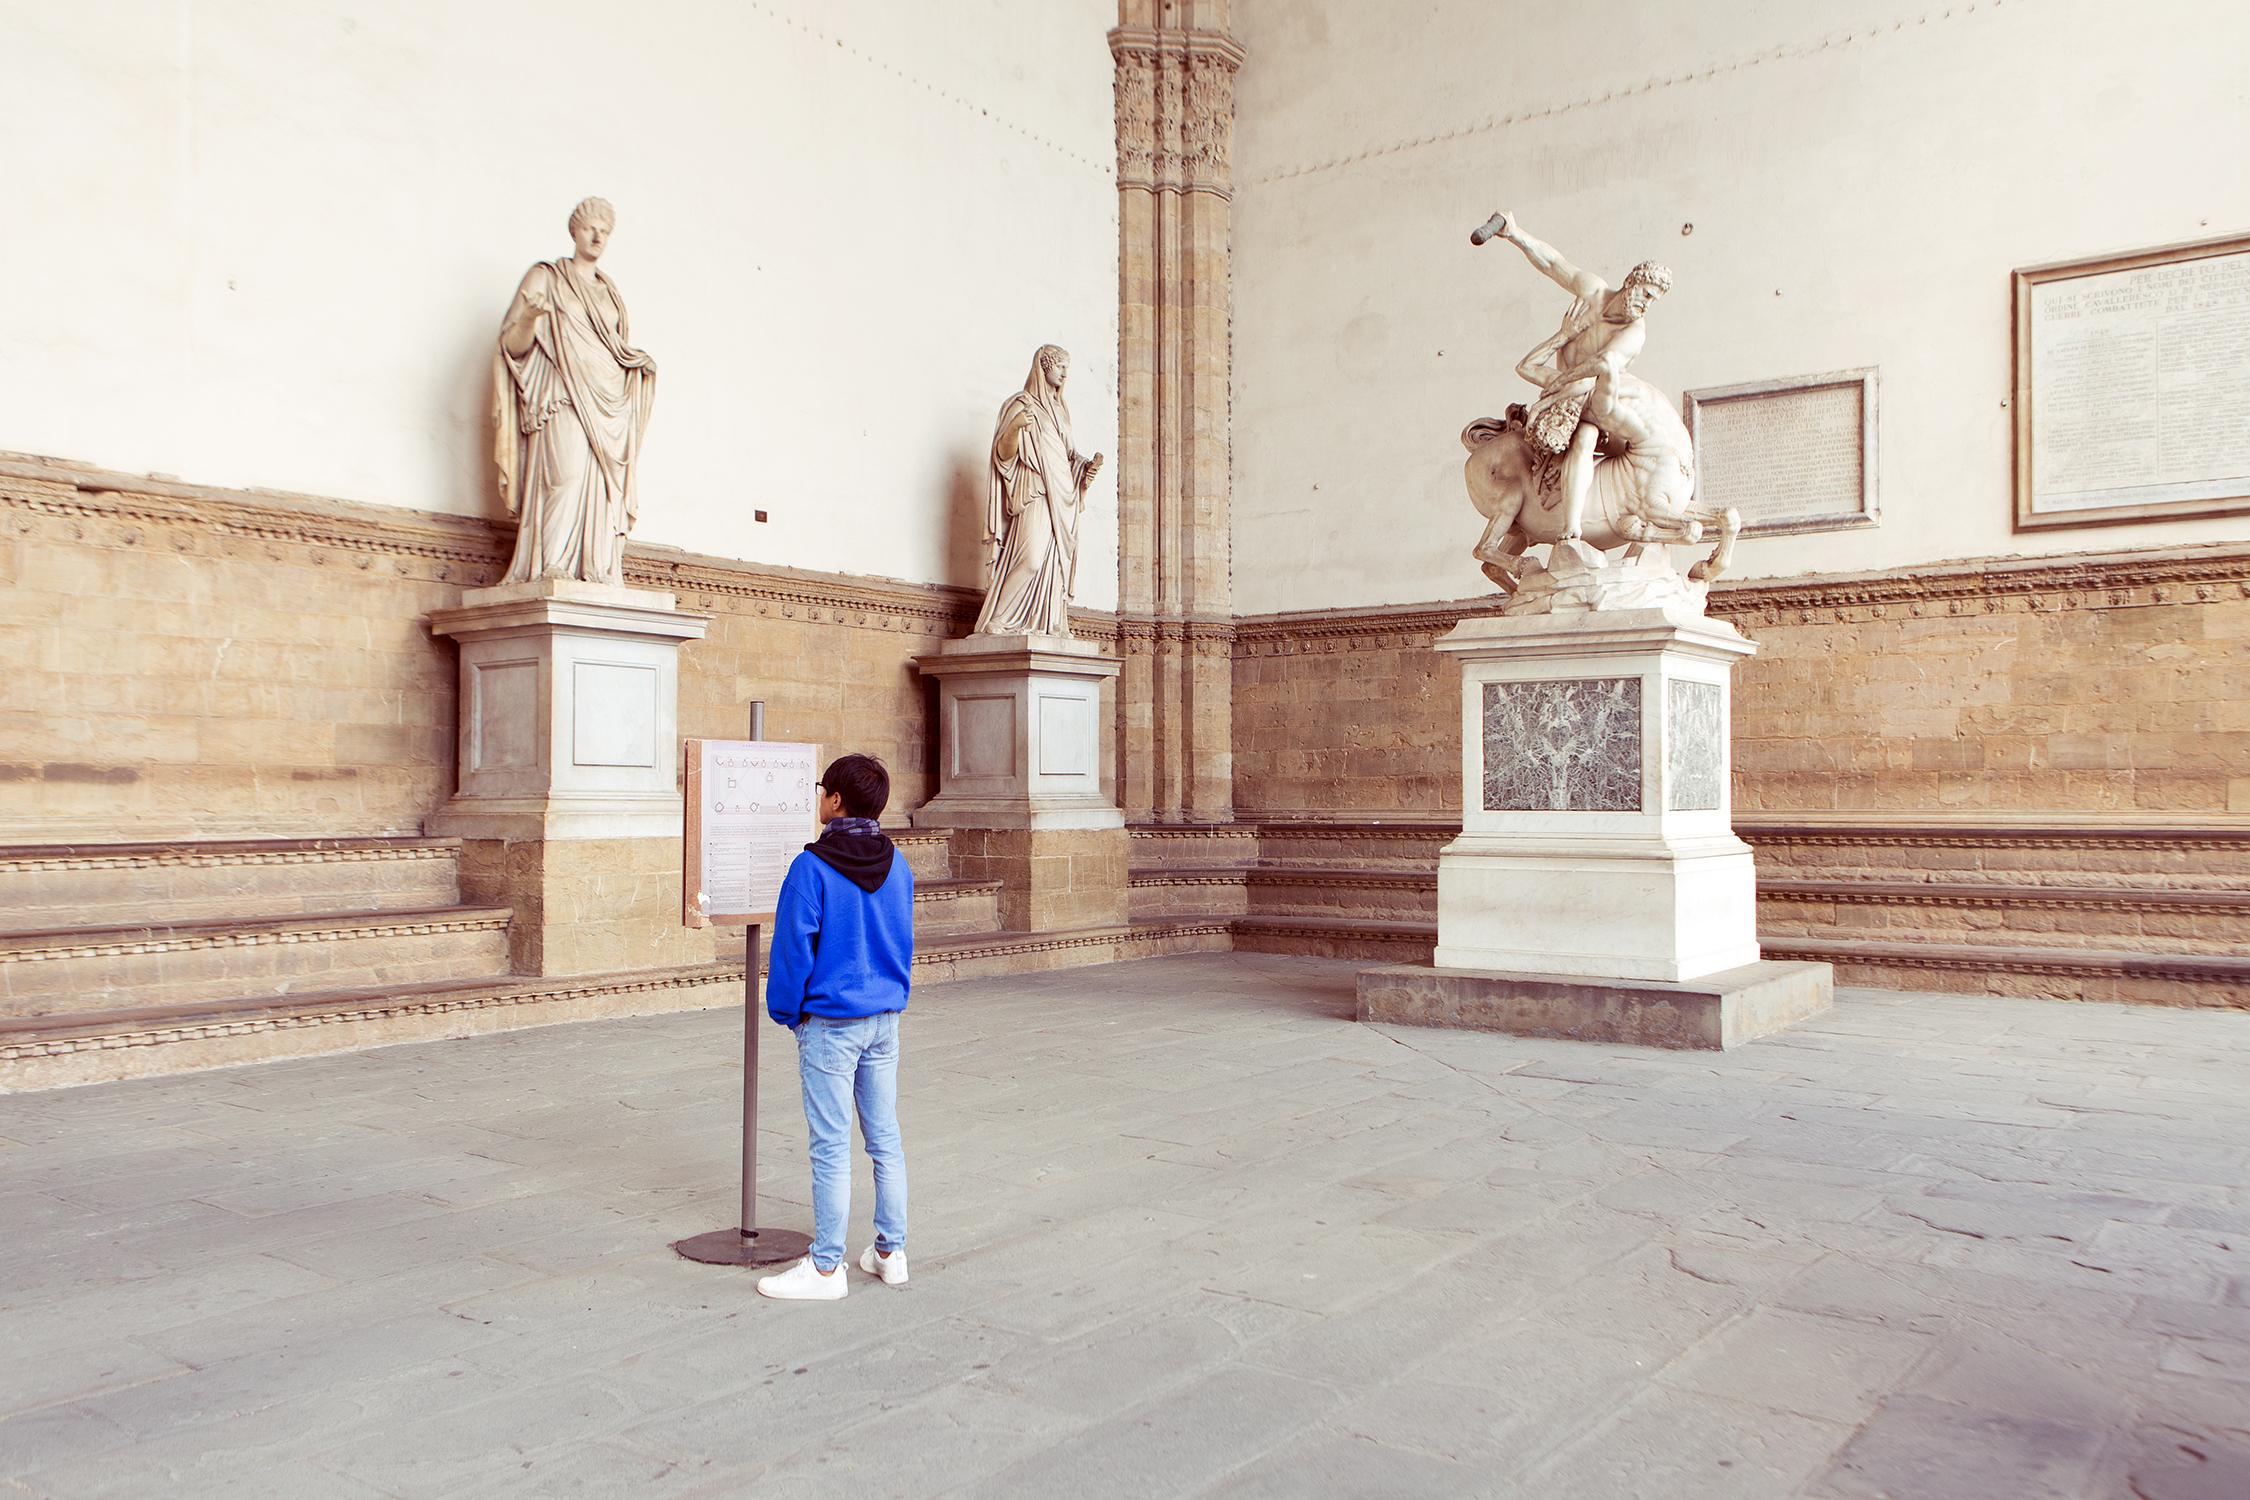 Loggia della Signoria, Piazza della Signoria in Florence.